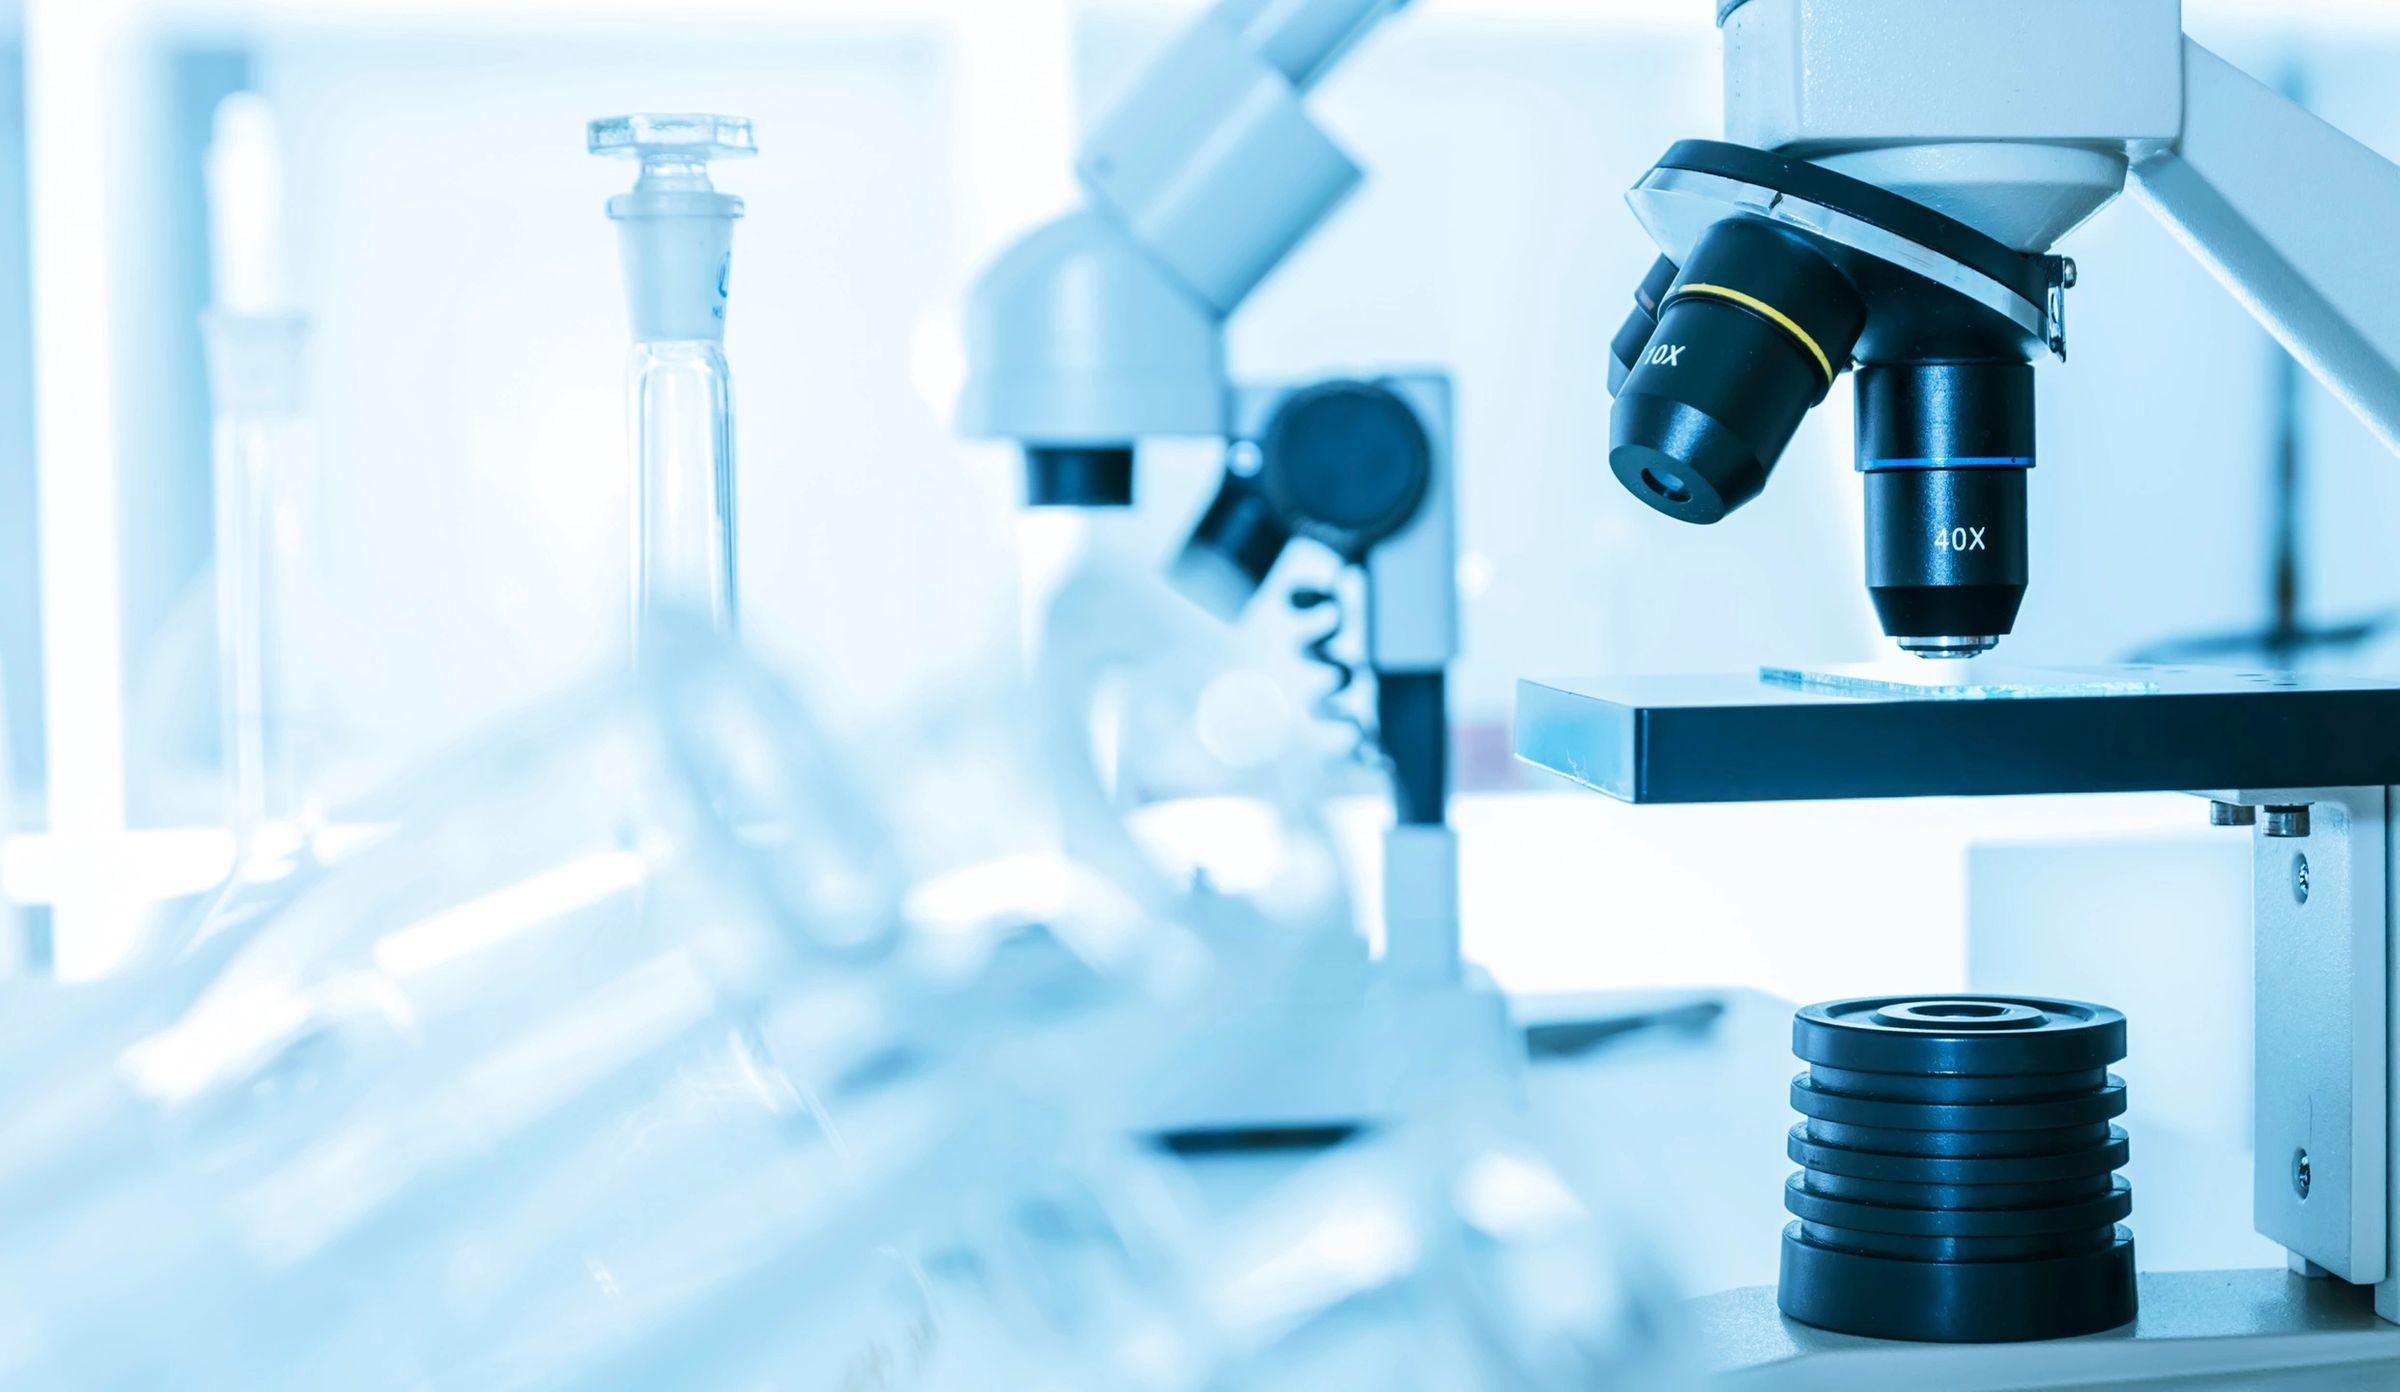 Laboratory scope and equipment